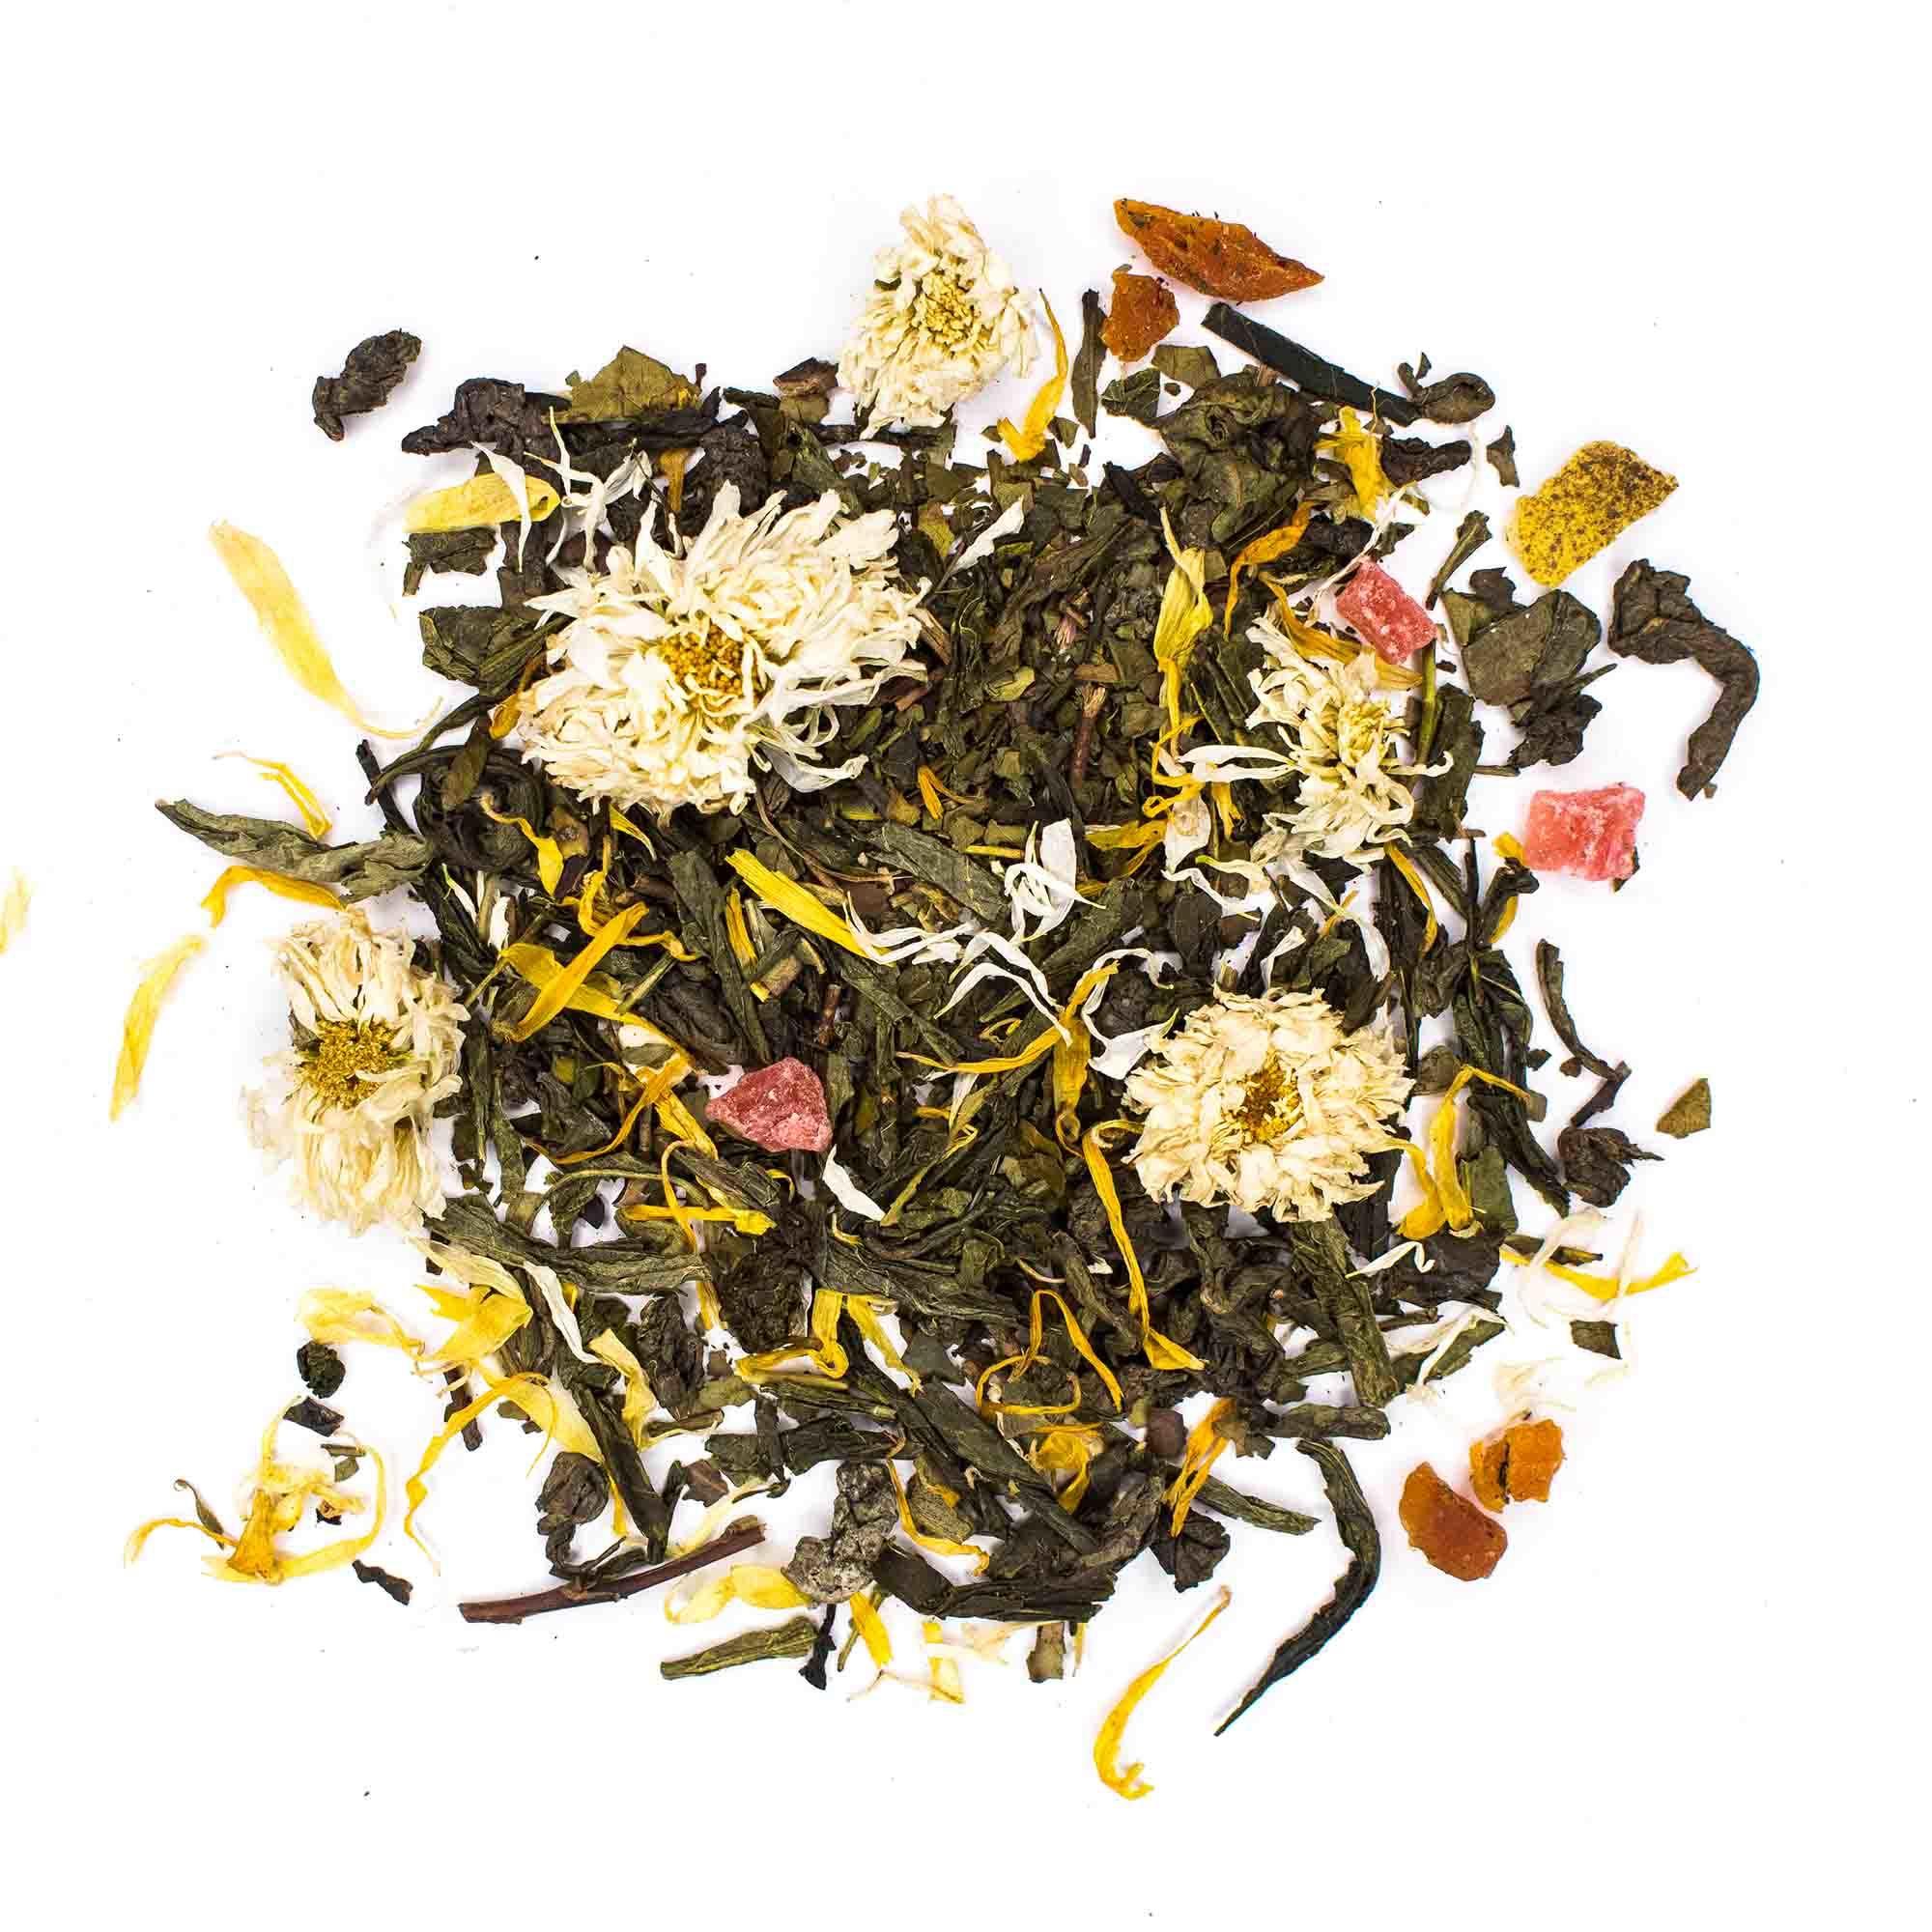 """Зеленый чай """"Улыбка Гейши"""" 100гр зеленый чай с добавками chayylubkageishi-teastar.jpg.jpg"""